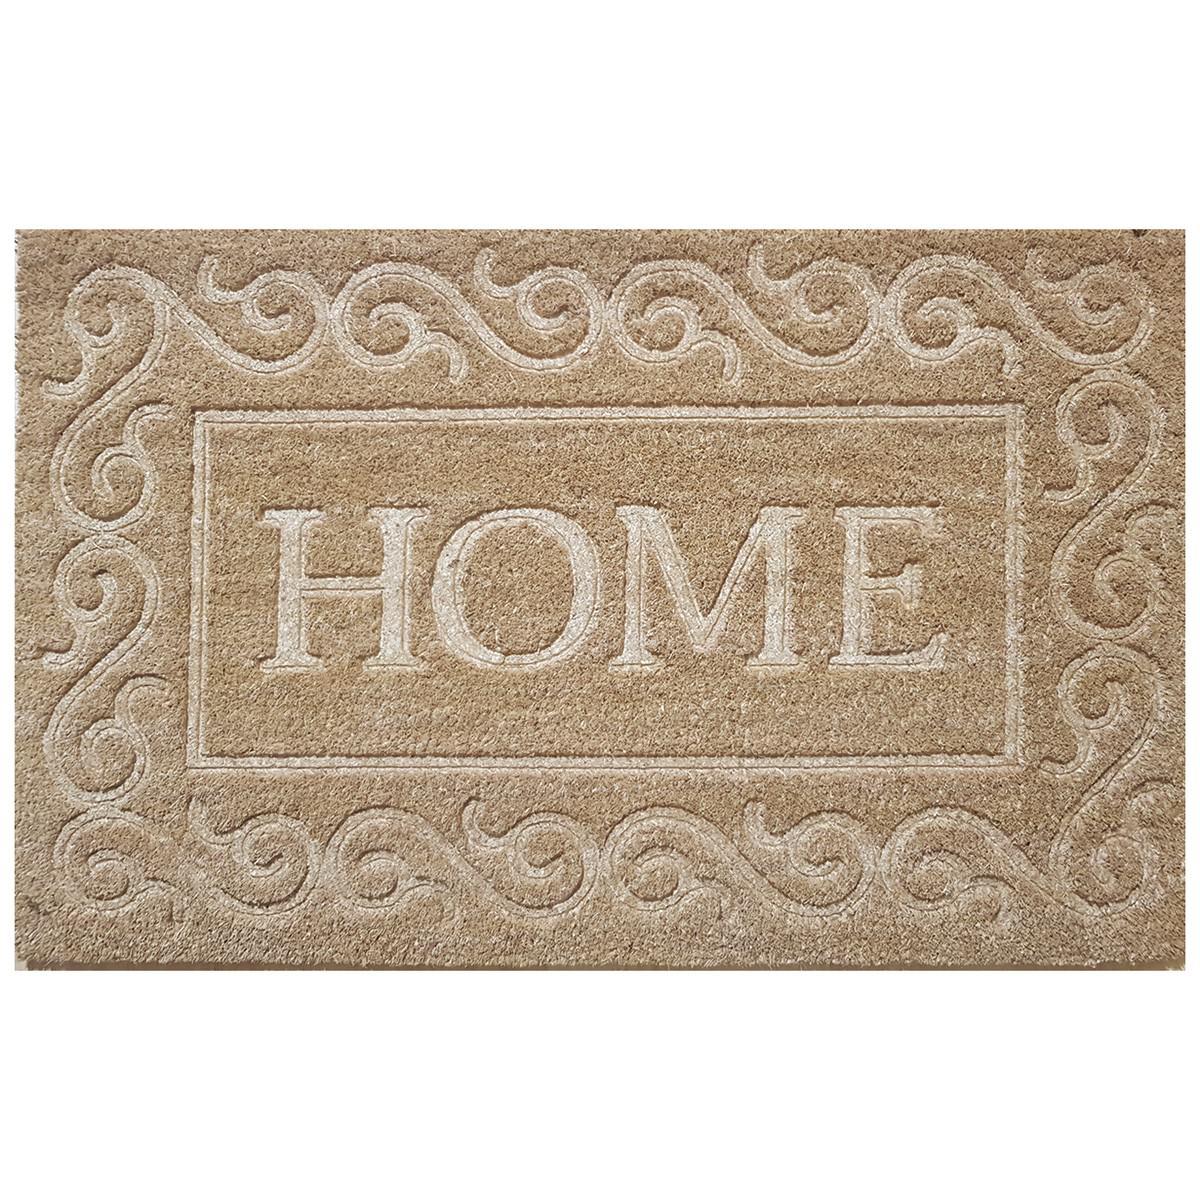 Home Pressed Coir Doormat, 75x45cm